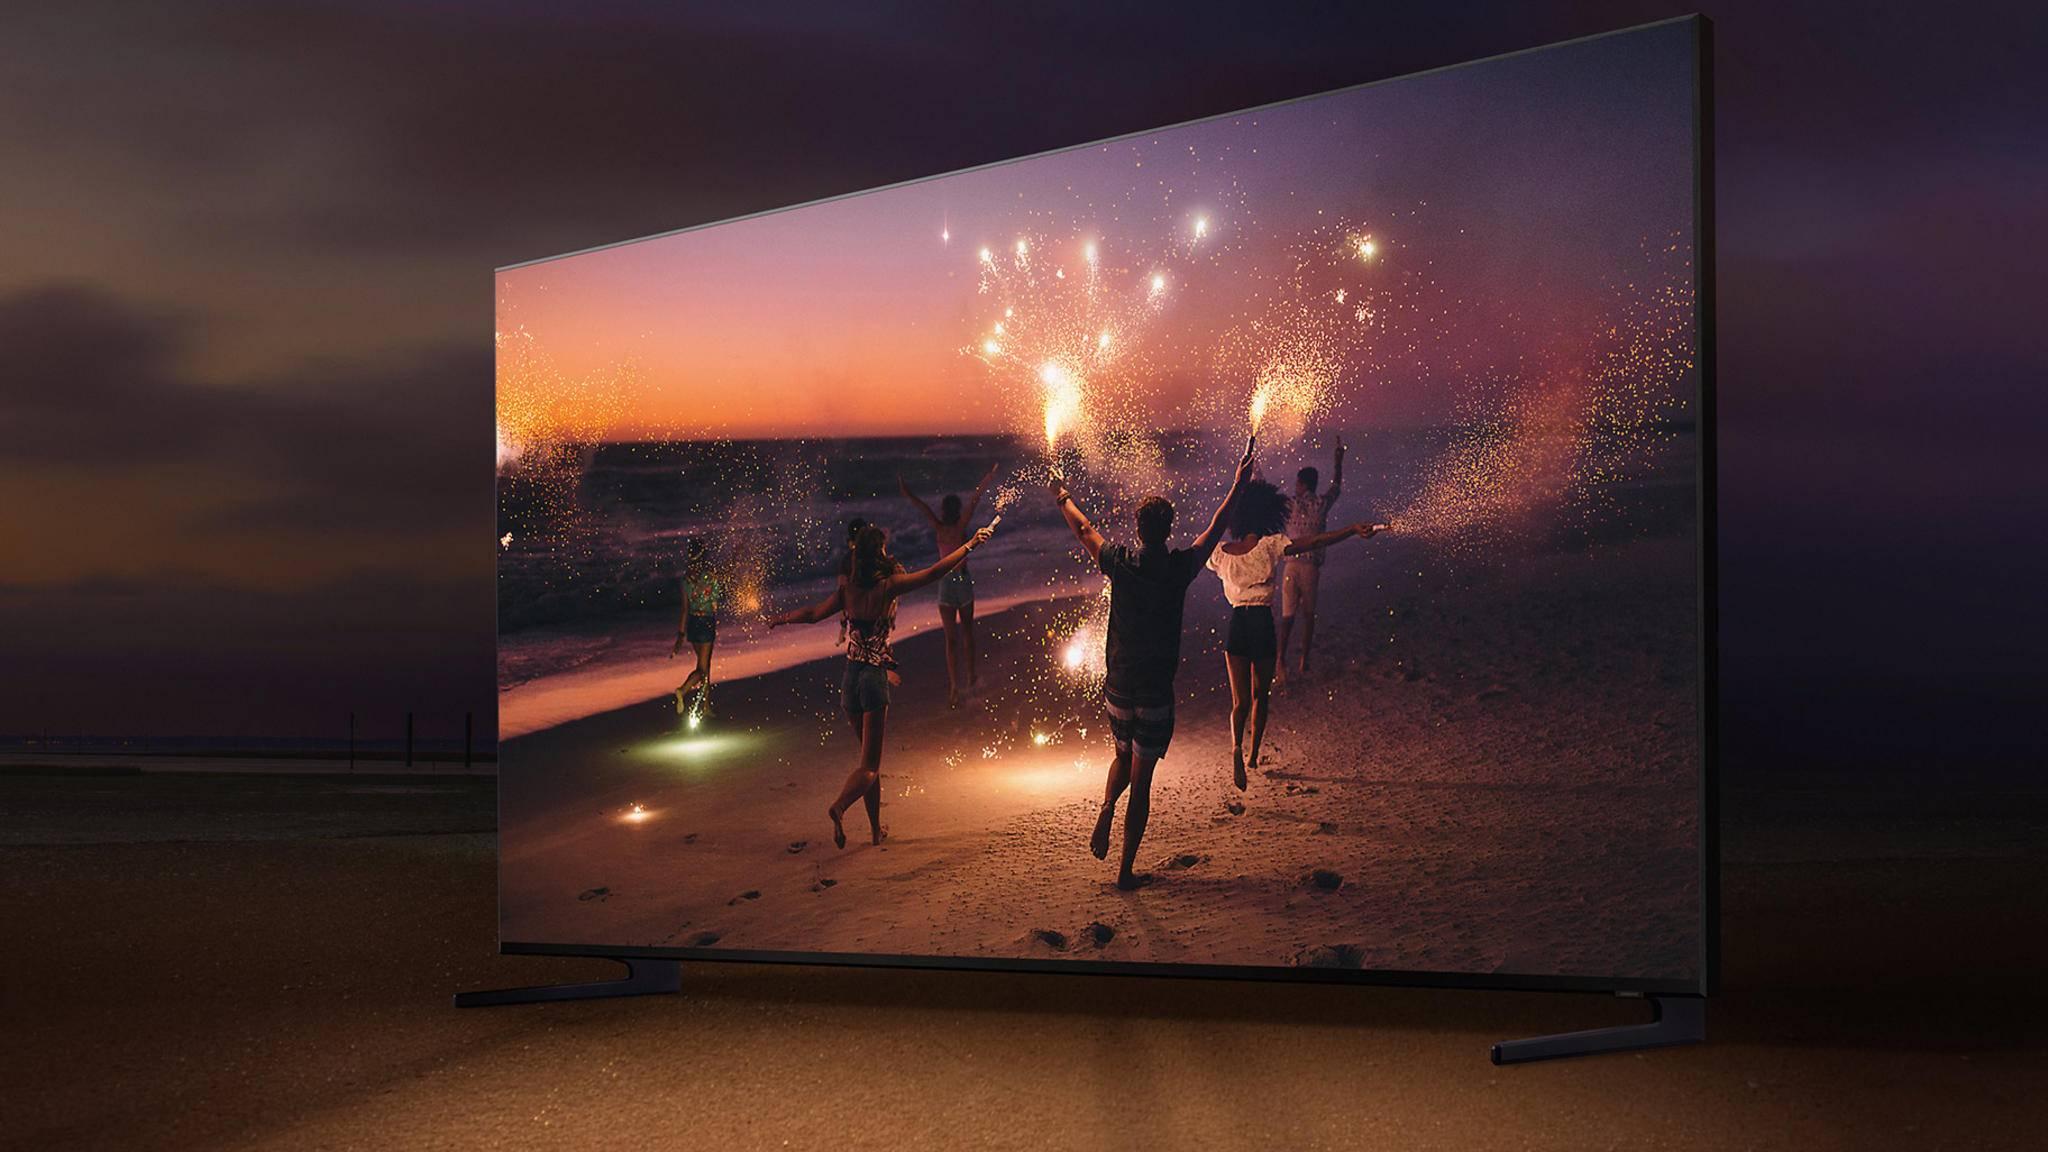 Im Rahmen der IFA 2018 hat Samsung seinen ersten Fernseher mit 8K-Auflösung enthüllt.